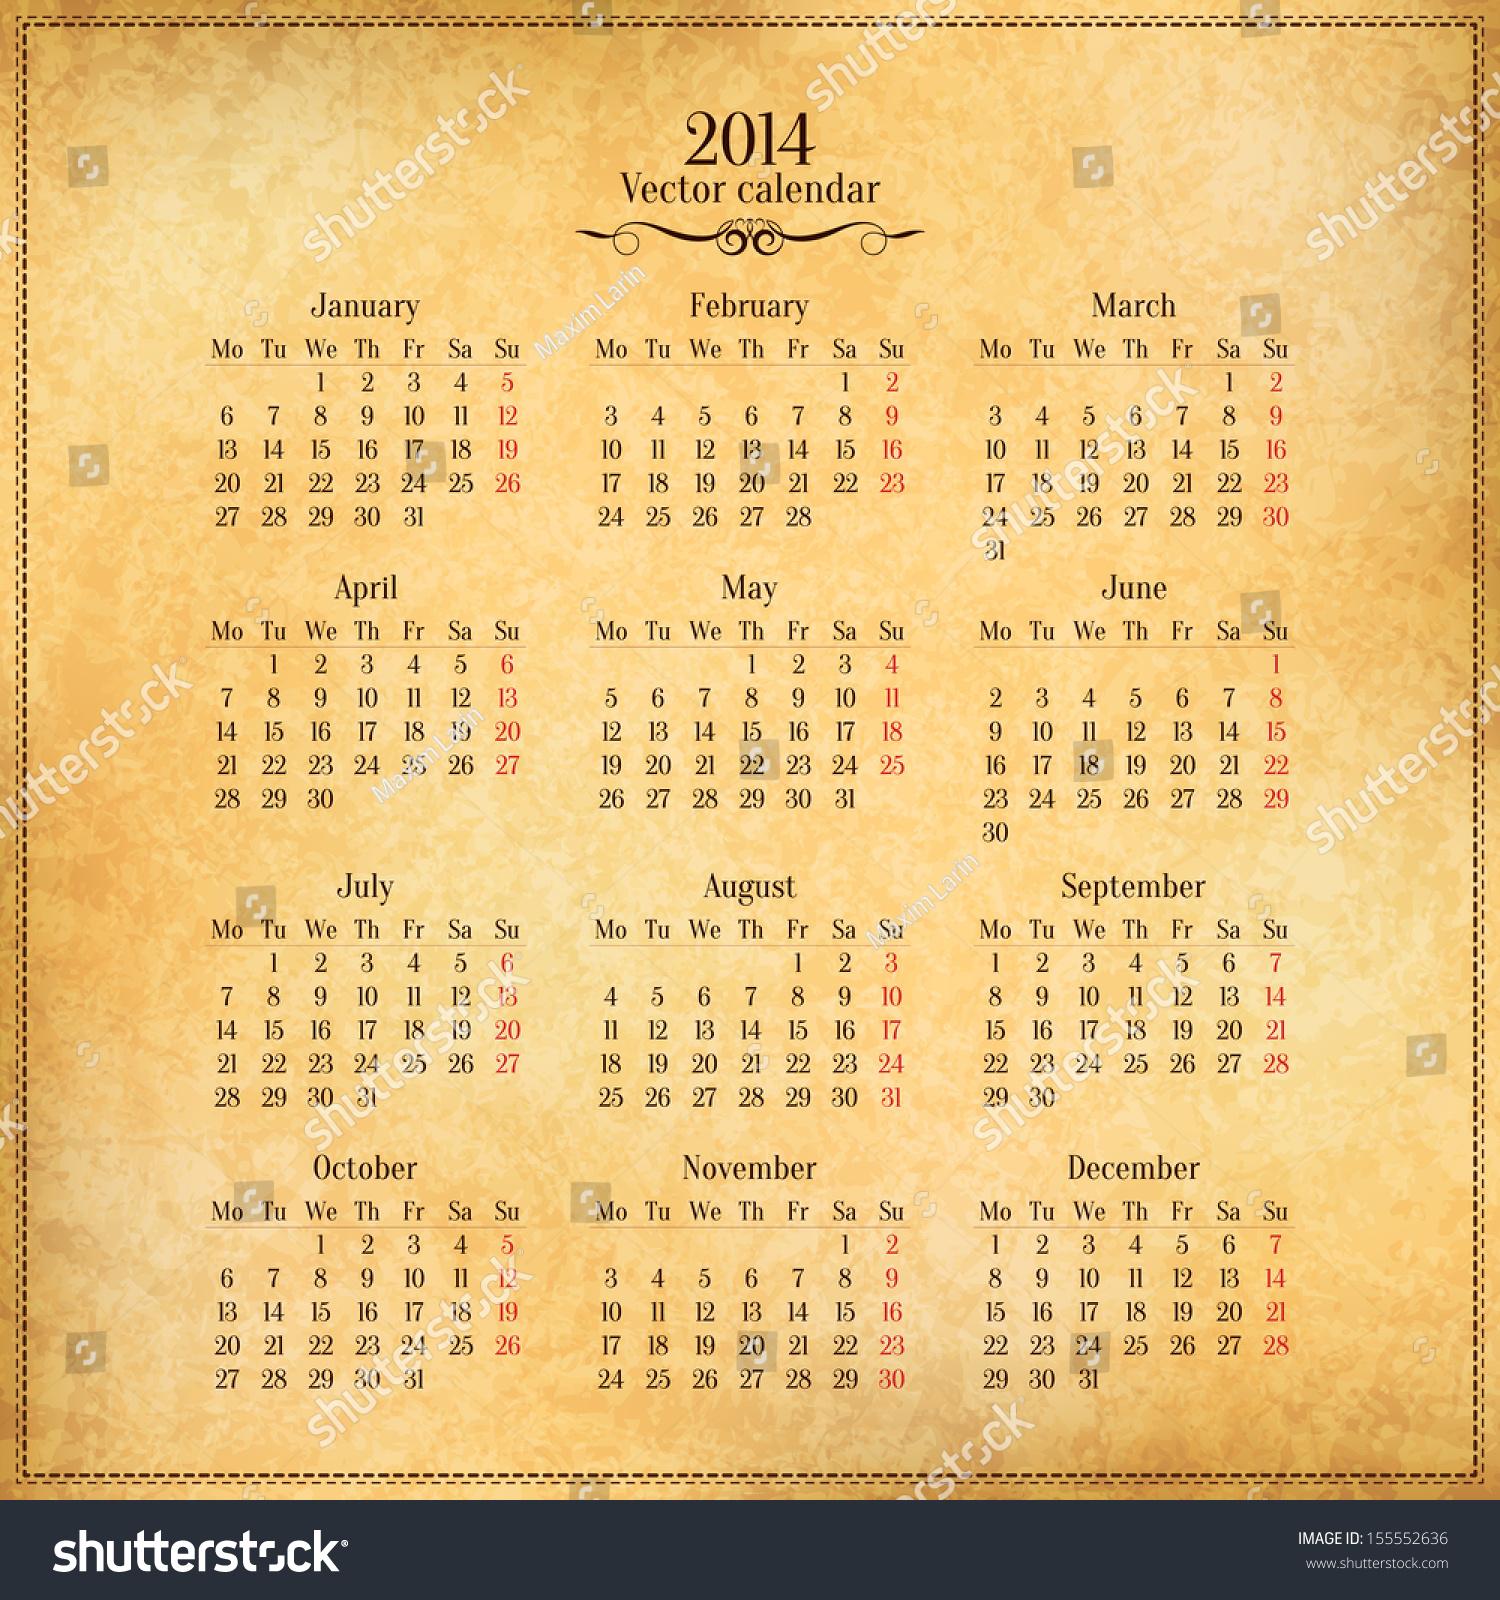 Calendar Vintage Vector : Vector calendar template on old vintage paper